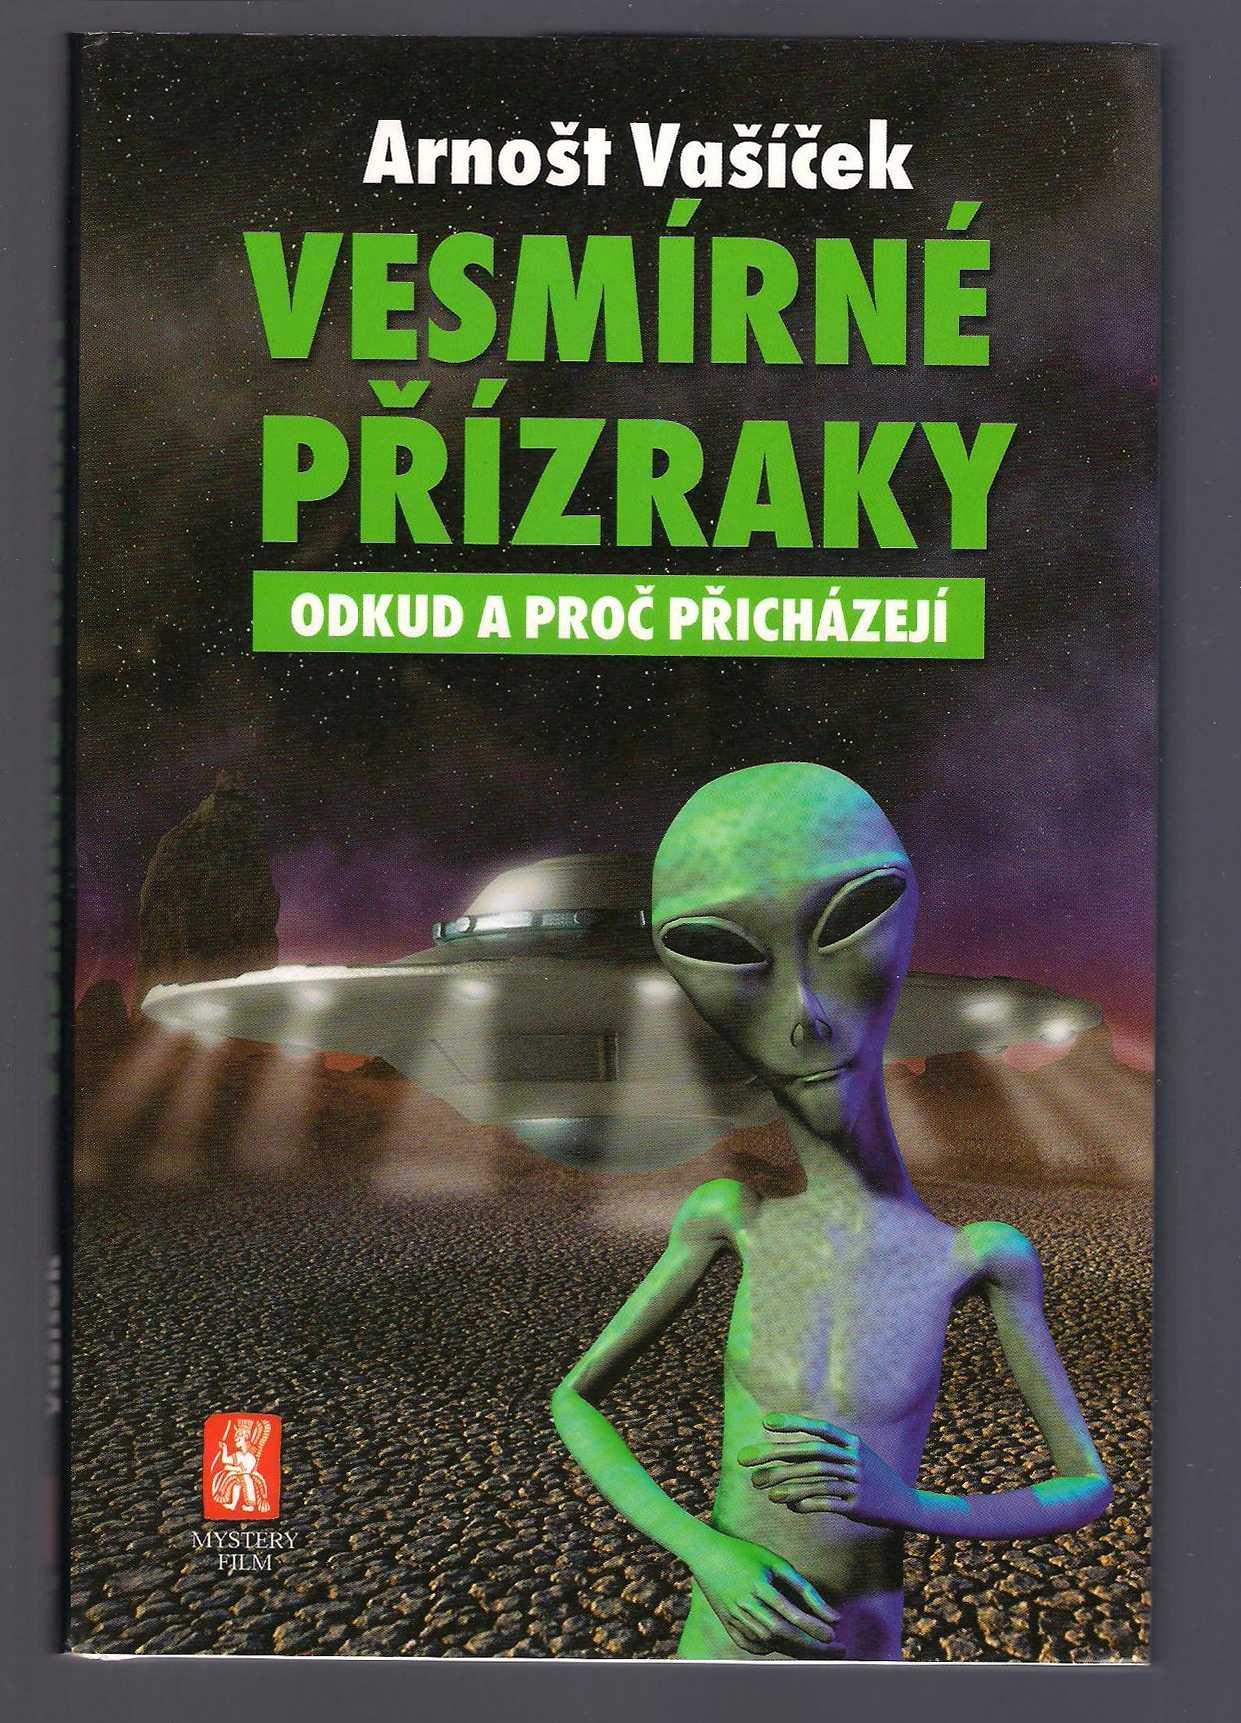 Vesmírné přízraky - Arnošt Vašíček (Podpis autora!)